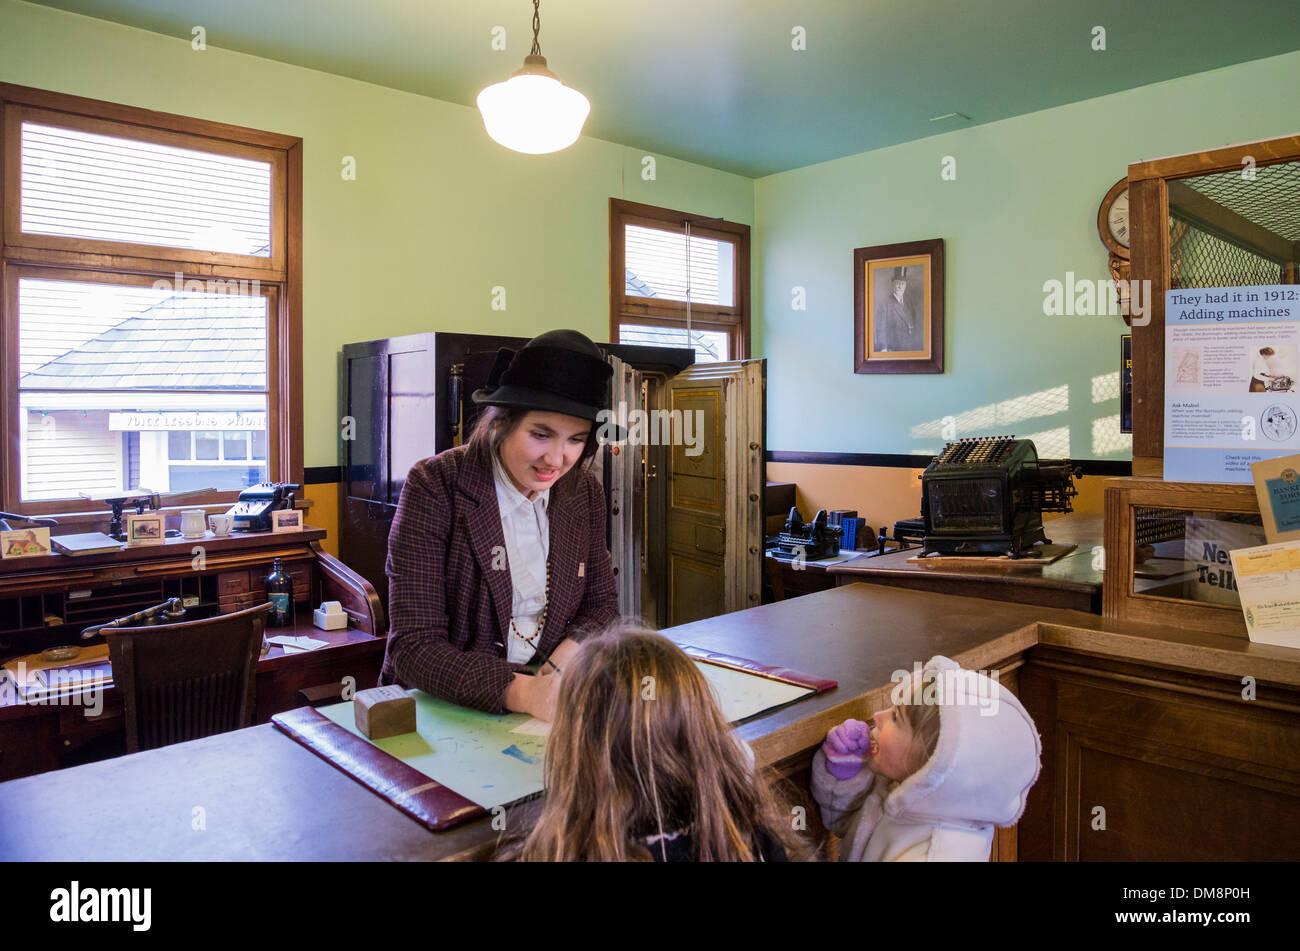 Bankangestellter, Burnaby Village Museum, Burnaby, British Columbia, Kanada Stockbild